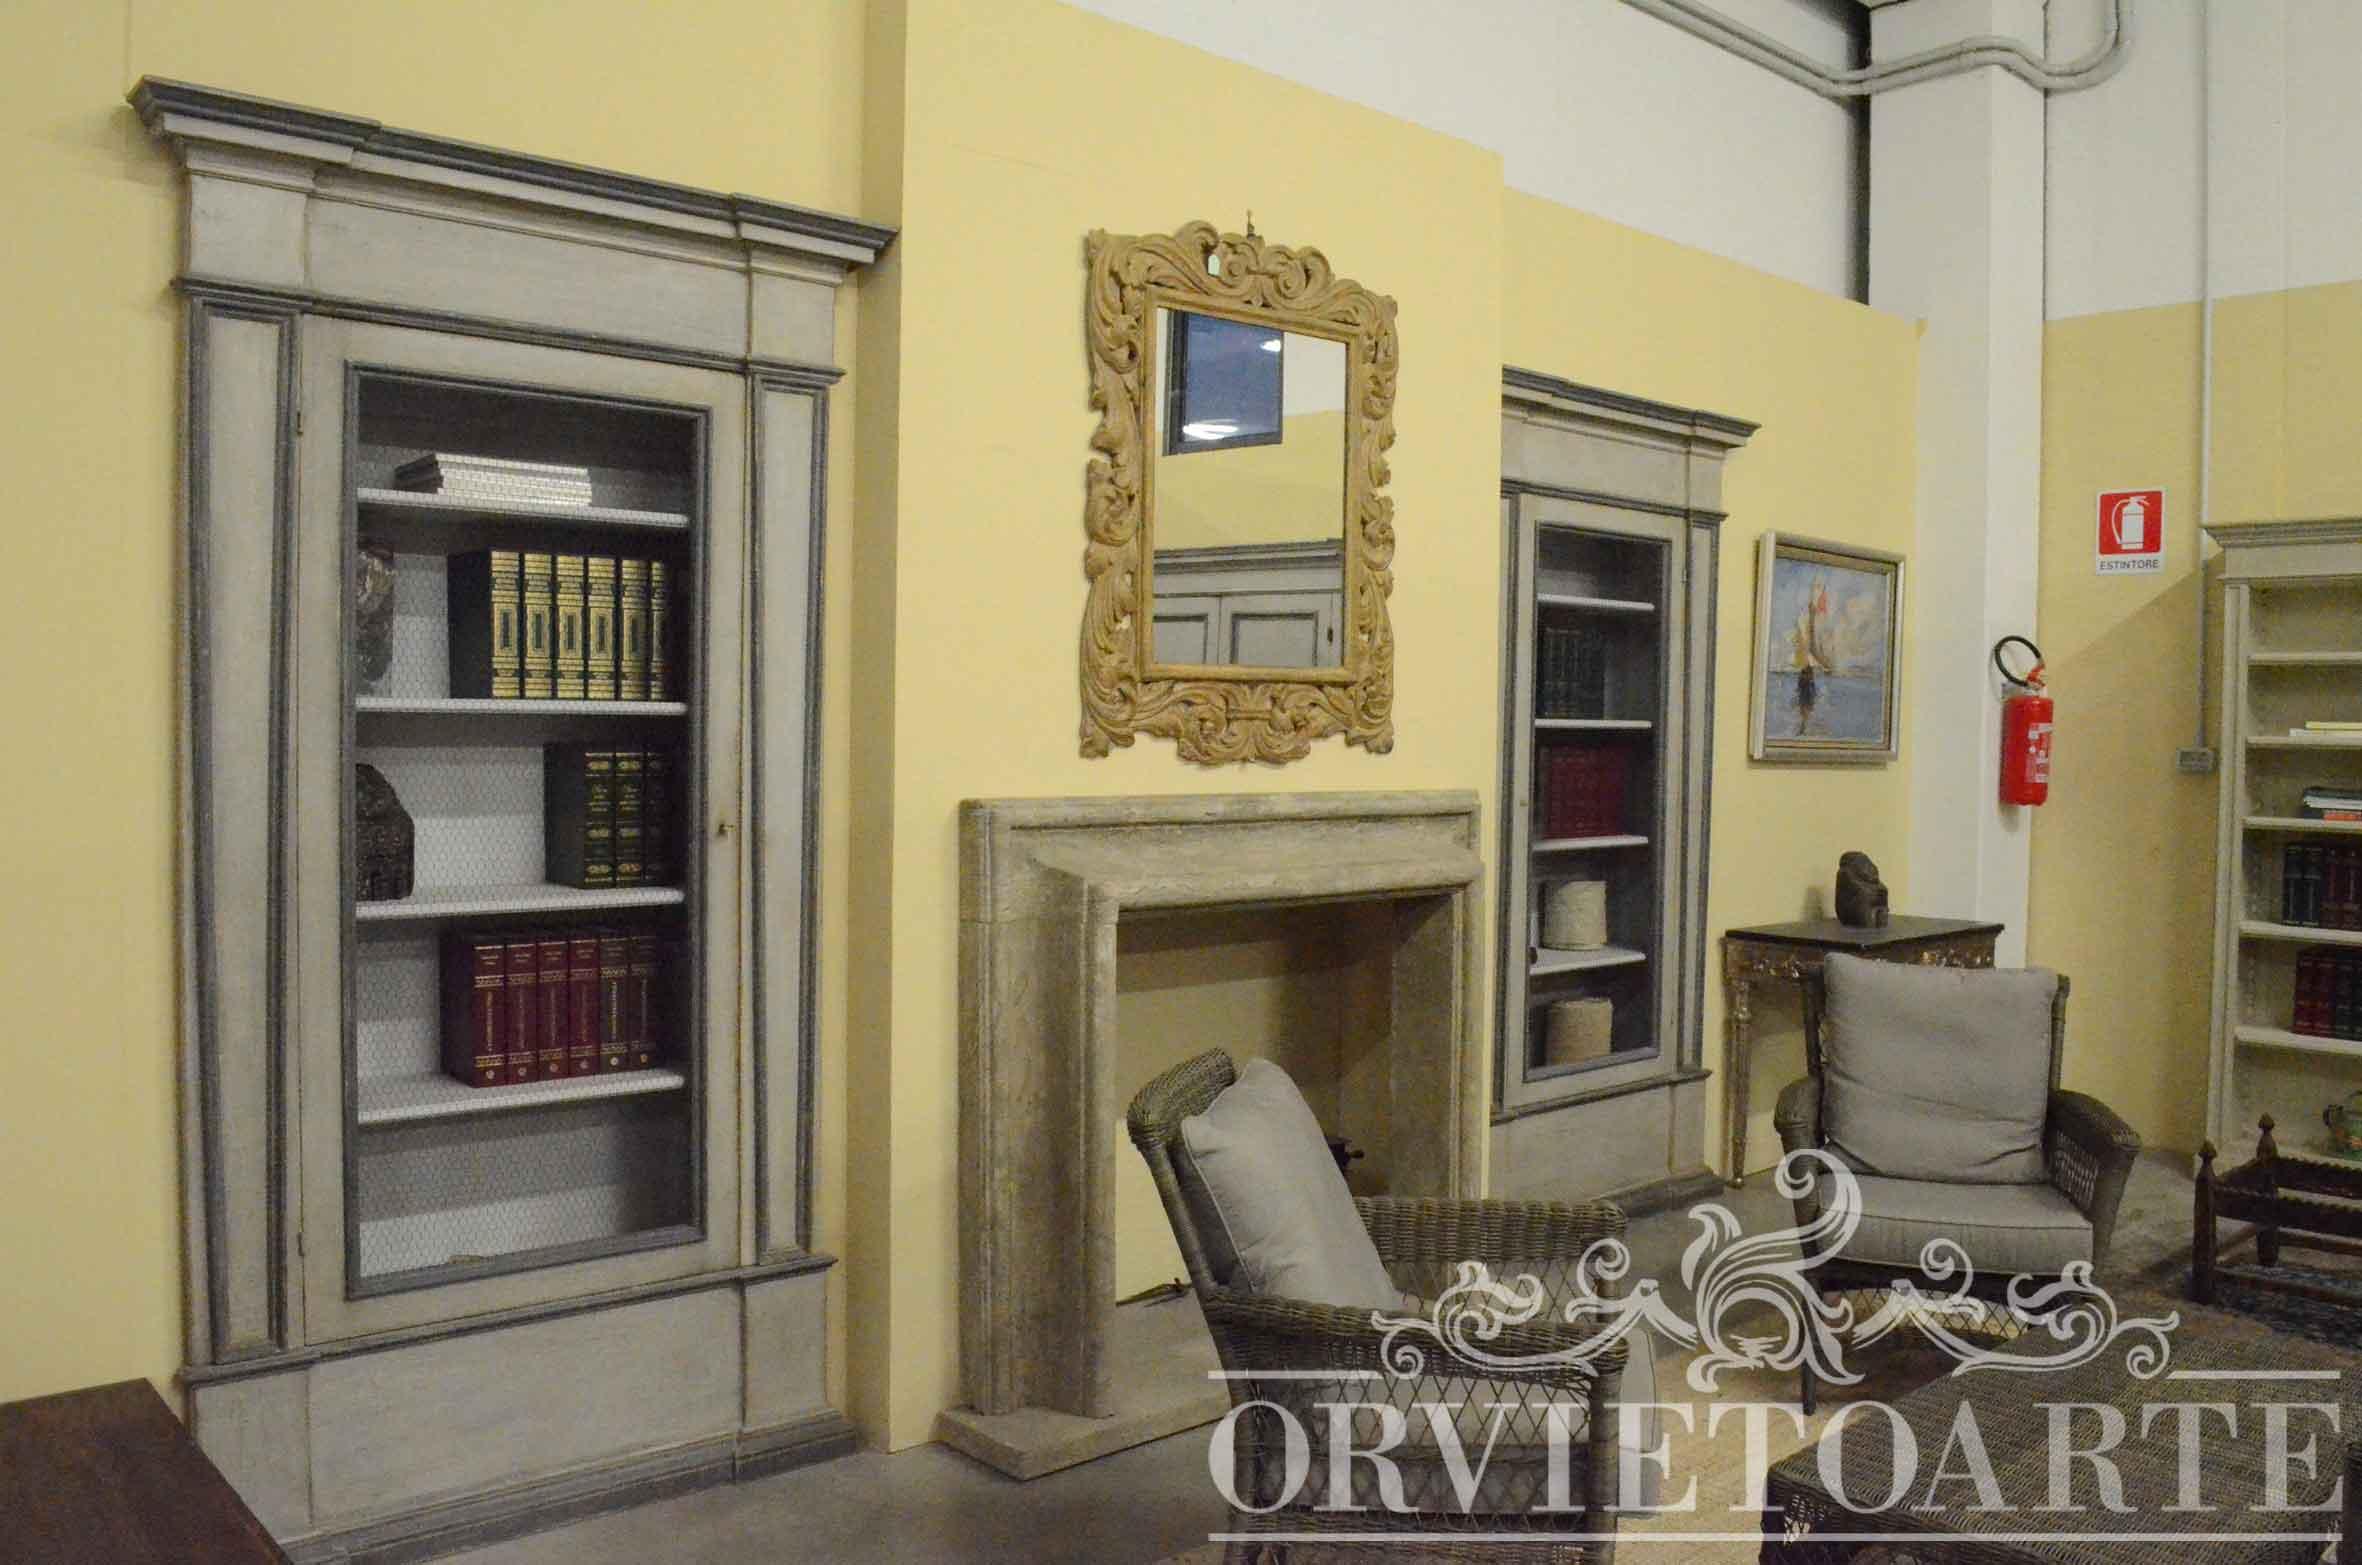 Orvieto arte libreria da muro stile provenzale for Libreria sospesa a muro